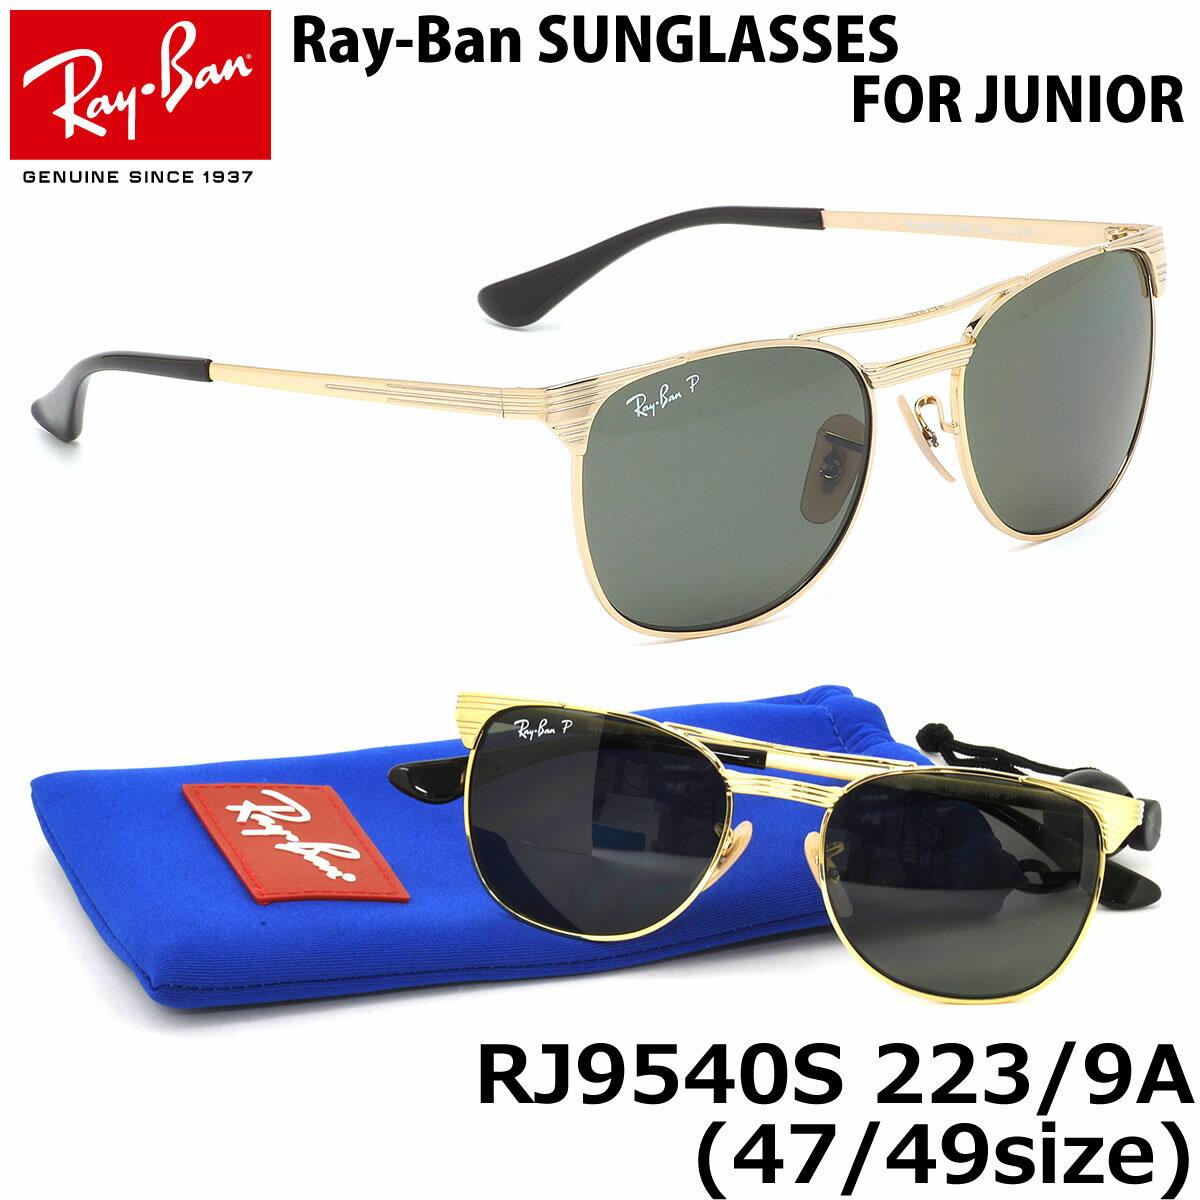 レイバン サングラス Ray-Ban RJ9540S 223/9A 47サイズ 49サイズ ジュニア シグネット SIGNET Junior 偏光レンズ キッズ 子供用 スクエア ツーブリッジ レイバン RAYBAN 子供用 キッズ用